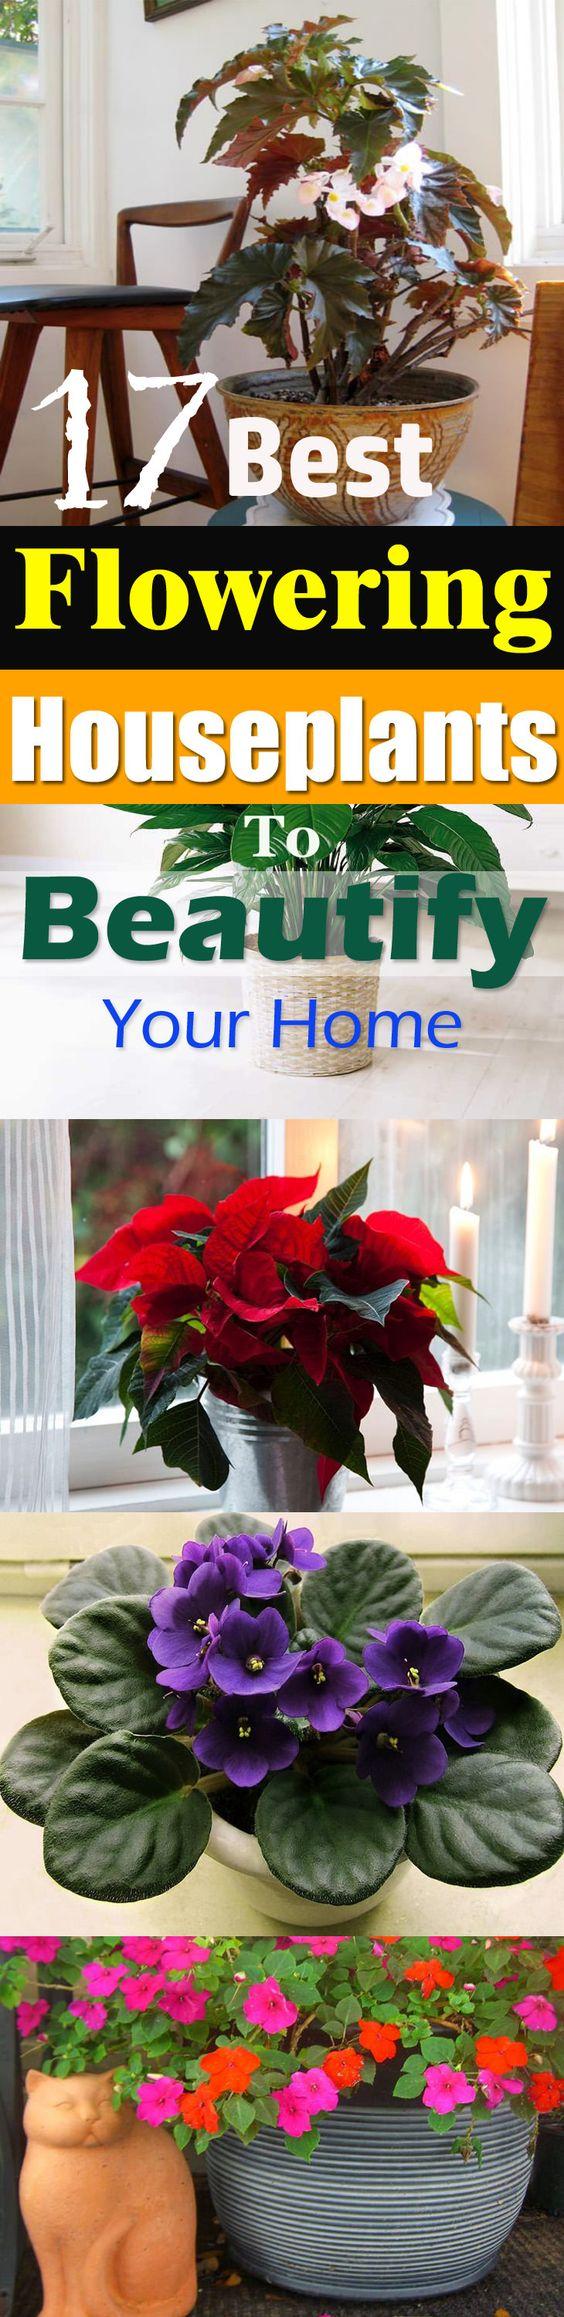 看看这个最好的开花室内植物清单!它们可以为您的家增添一抹亮色,与其他室内植物相似。